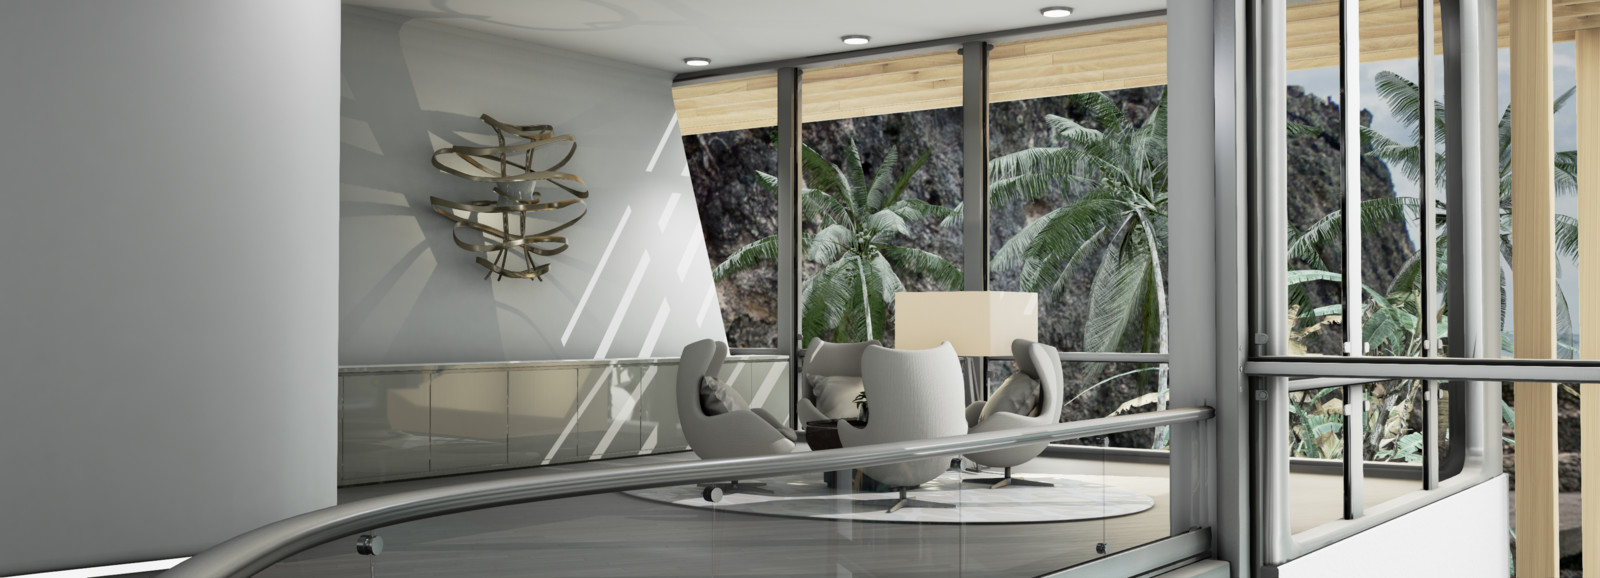 TRI-KES VR environment/lighting